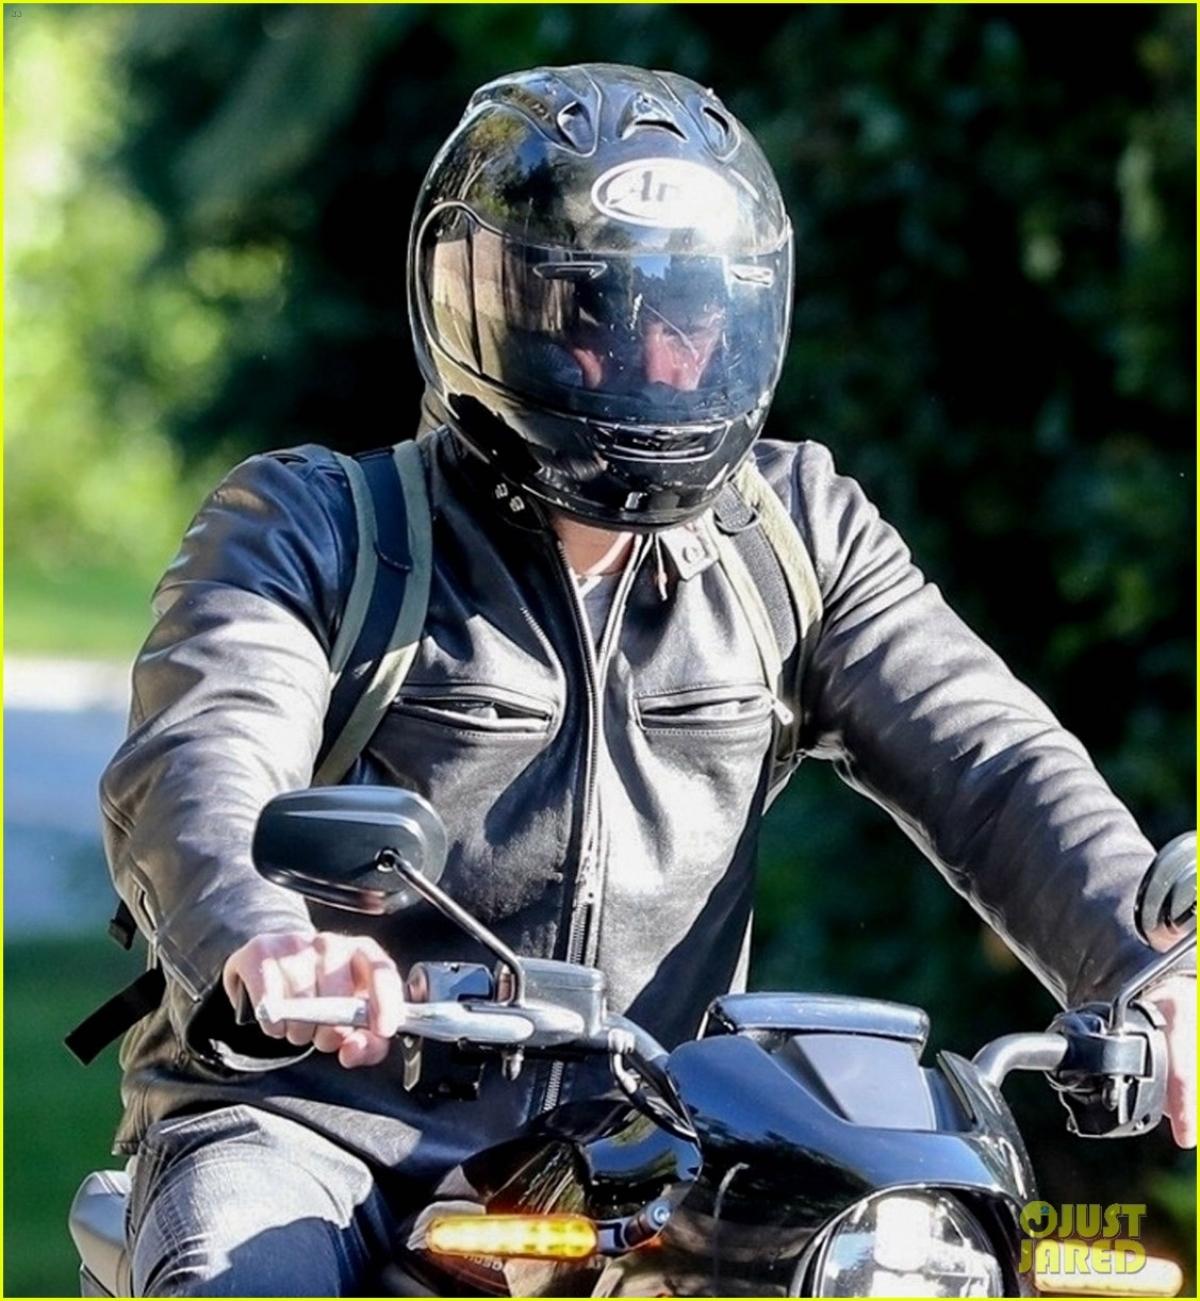 Trong khi đó, cánh săn ảnh đã bắt gặp khoảnh khắc Ben Affleck lái xe mô tô đến nhà riêng của Jennifer Lopez.